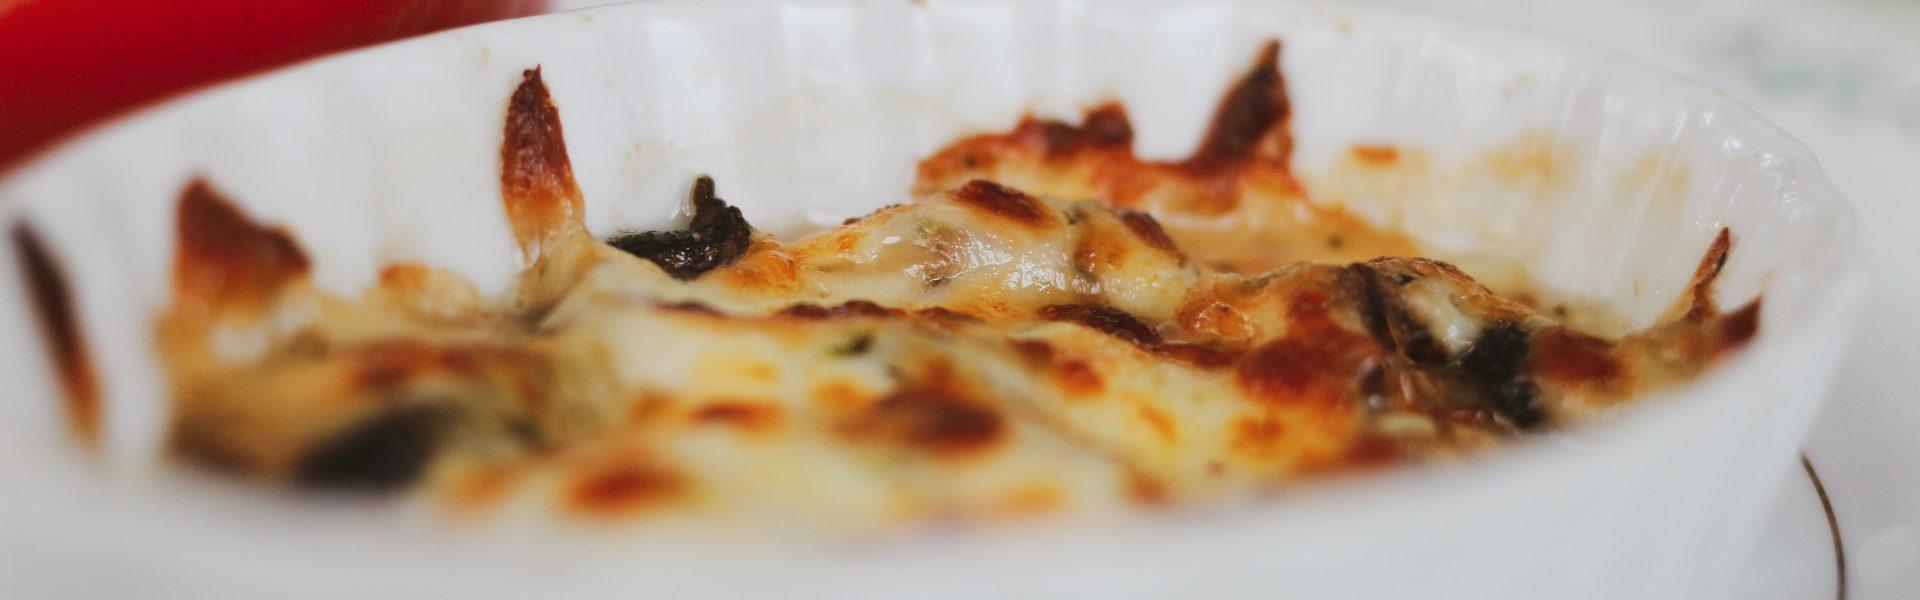 Dieta sirtfood